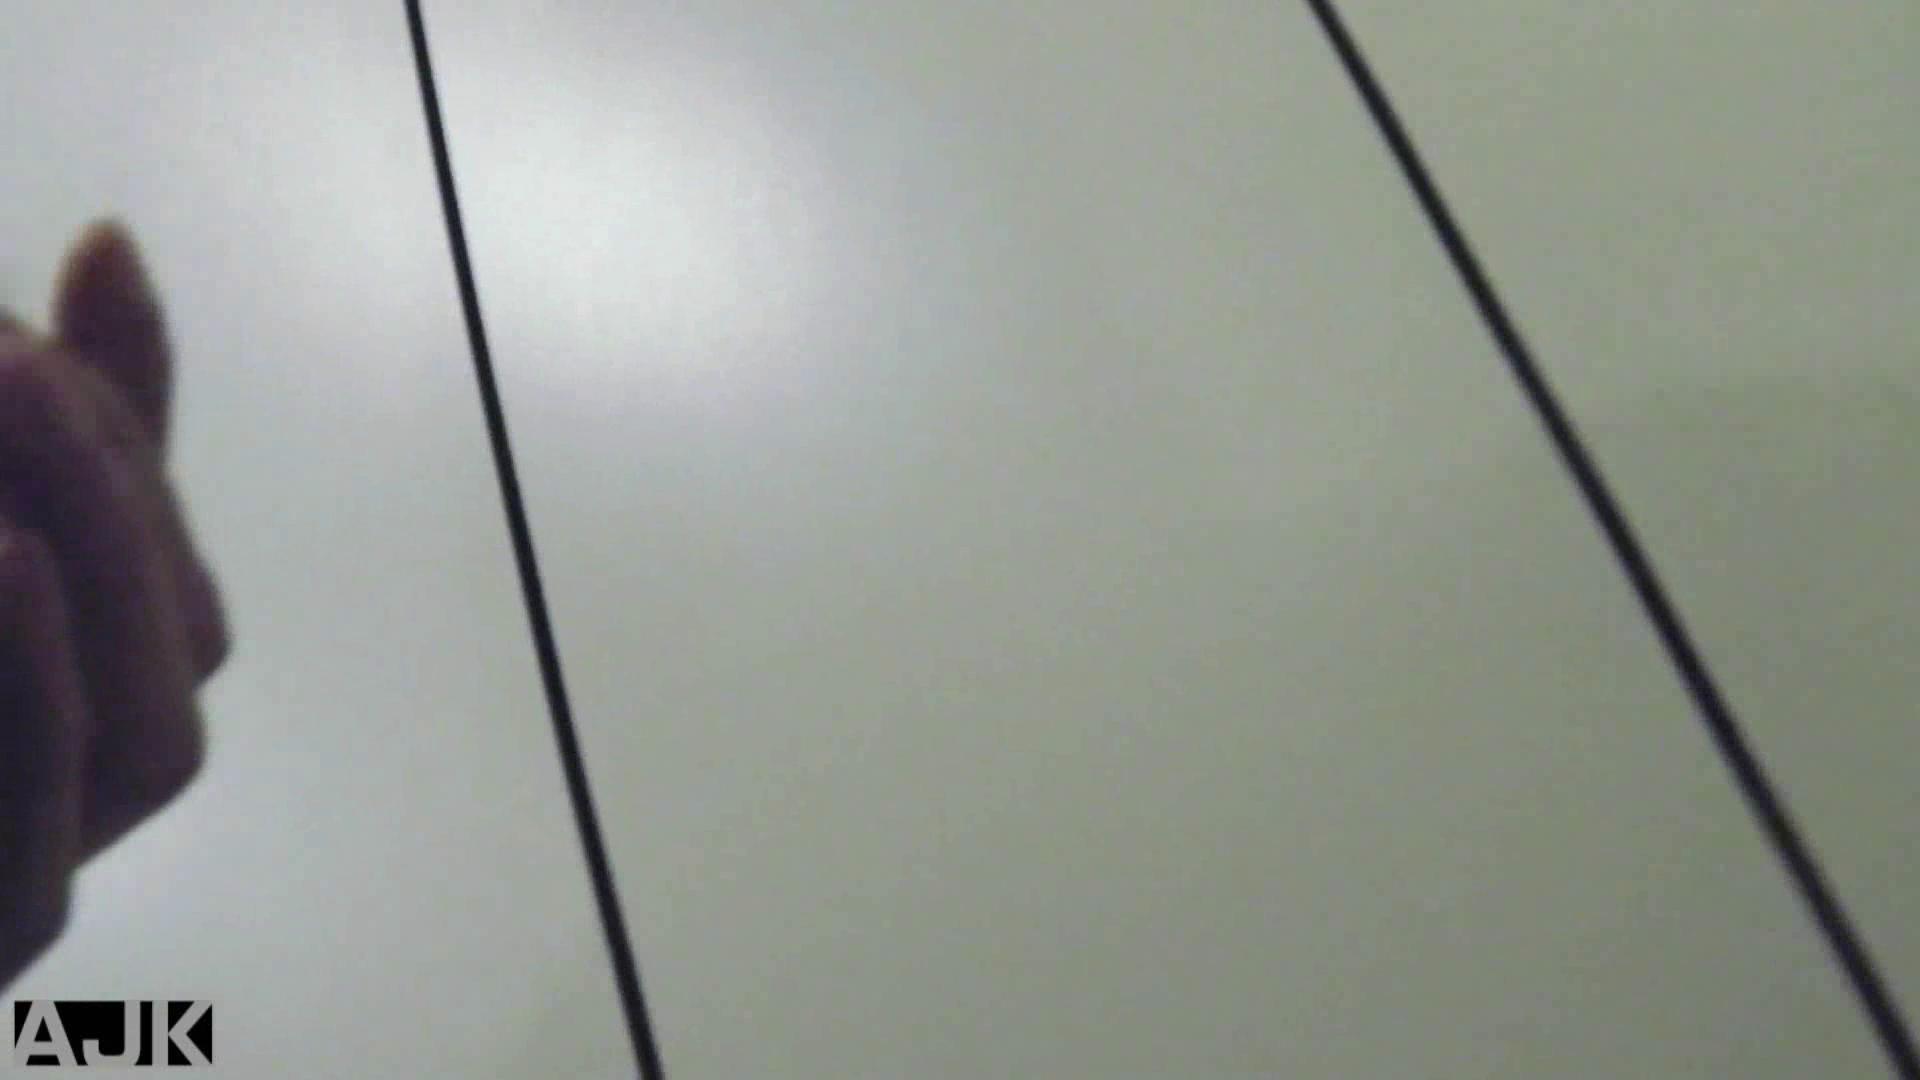 隣国上階級エリアの令嬢たちが集うデパートお手洗い Vol.14 便所の中まで SEX無修正画像 96枚 28